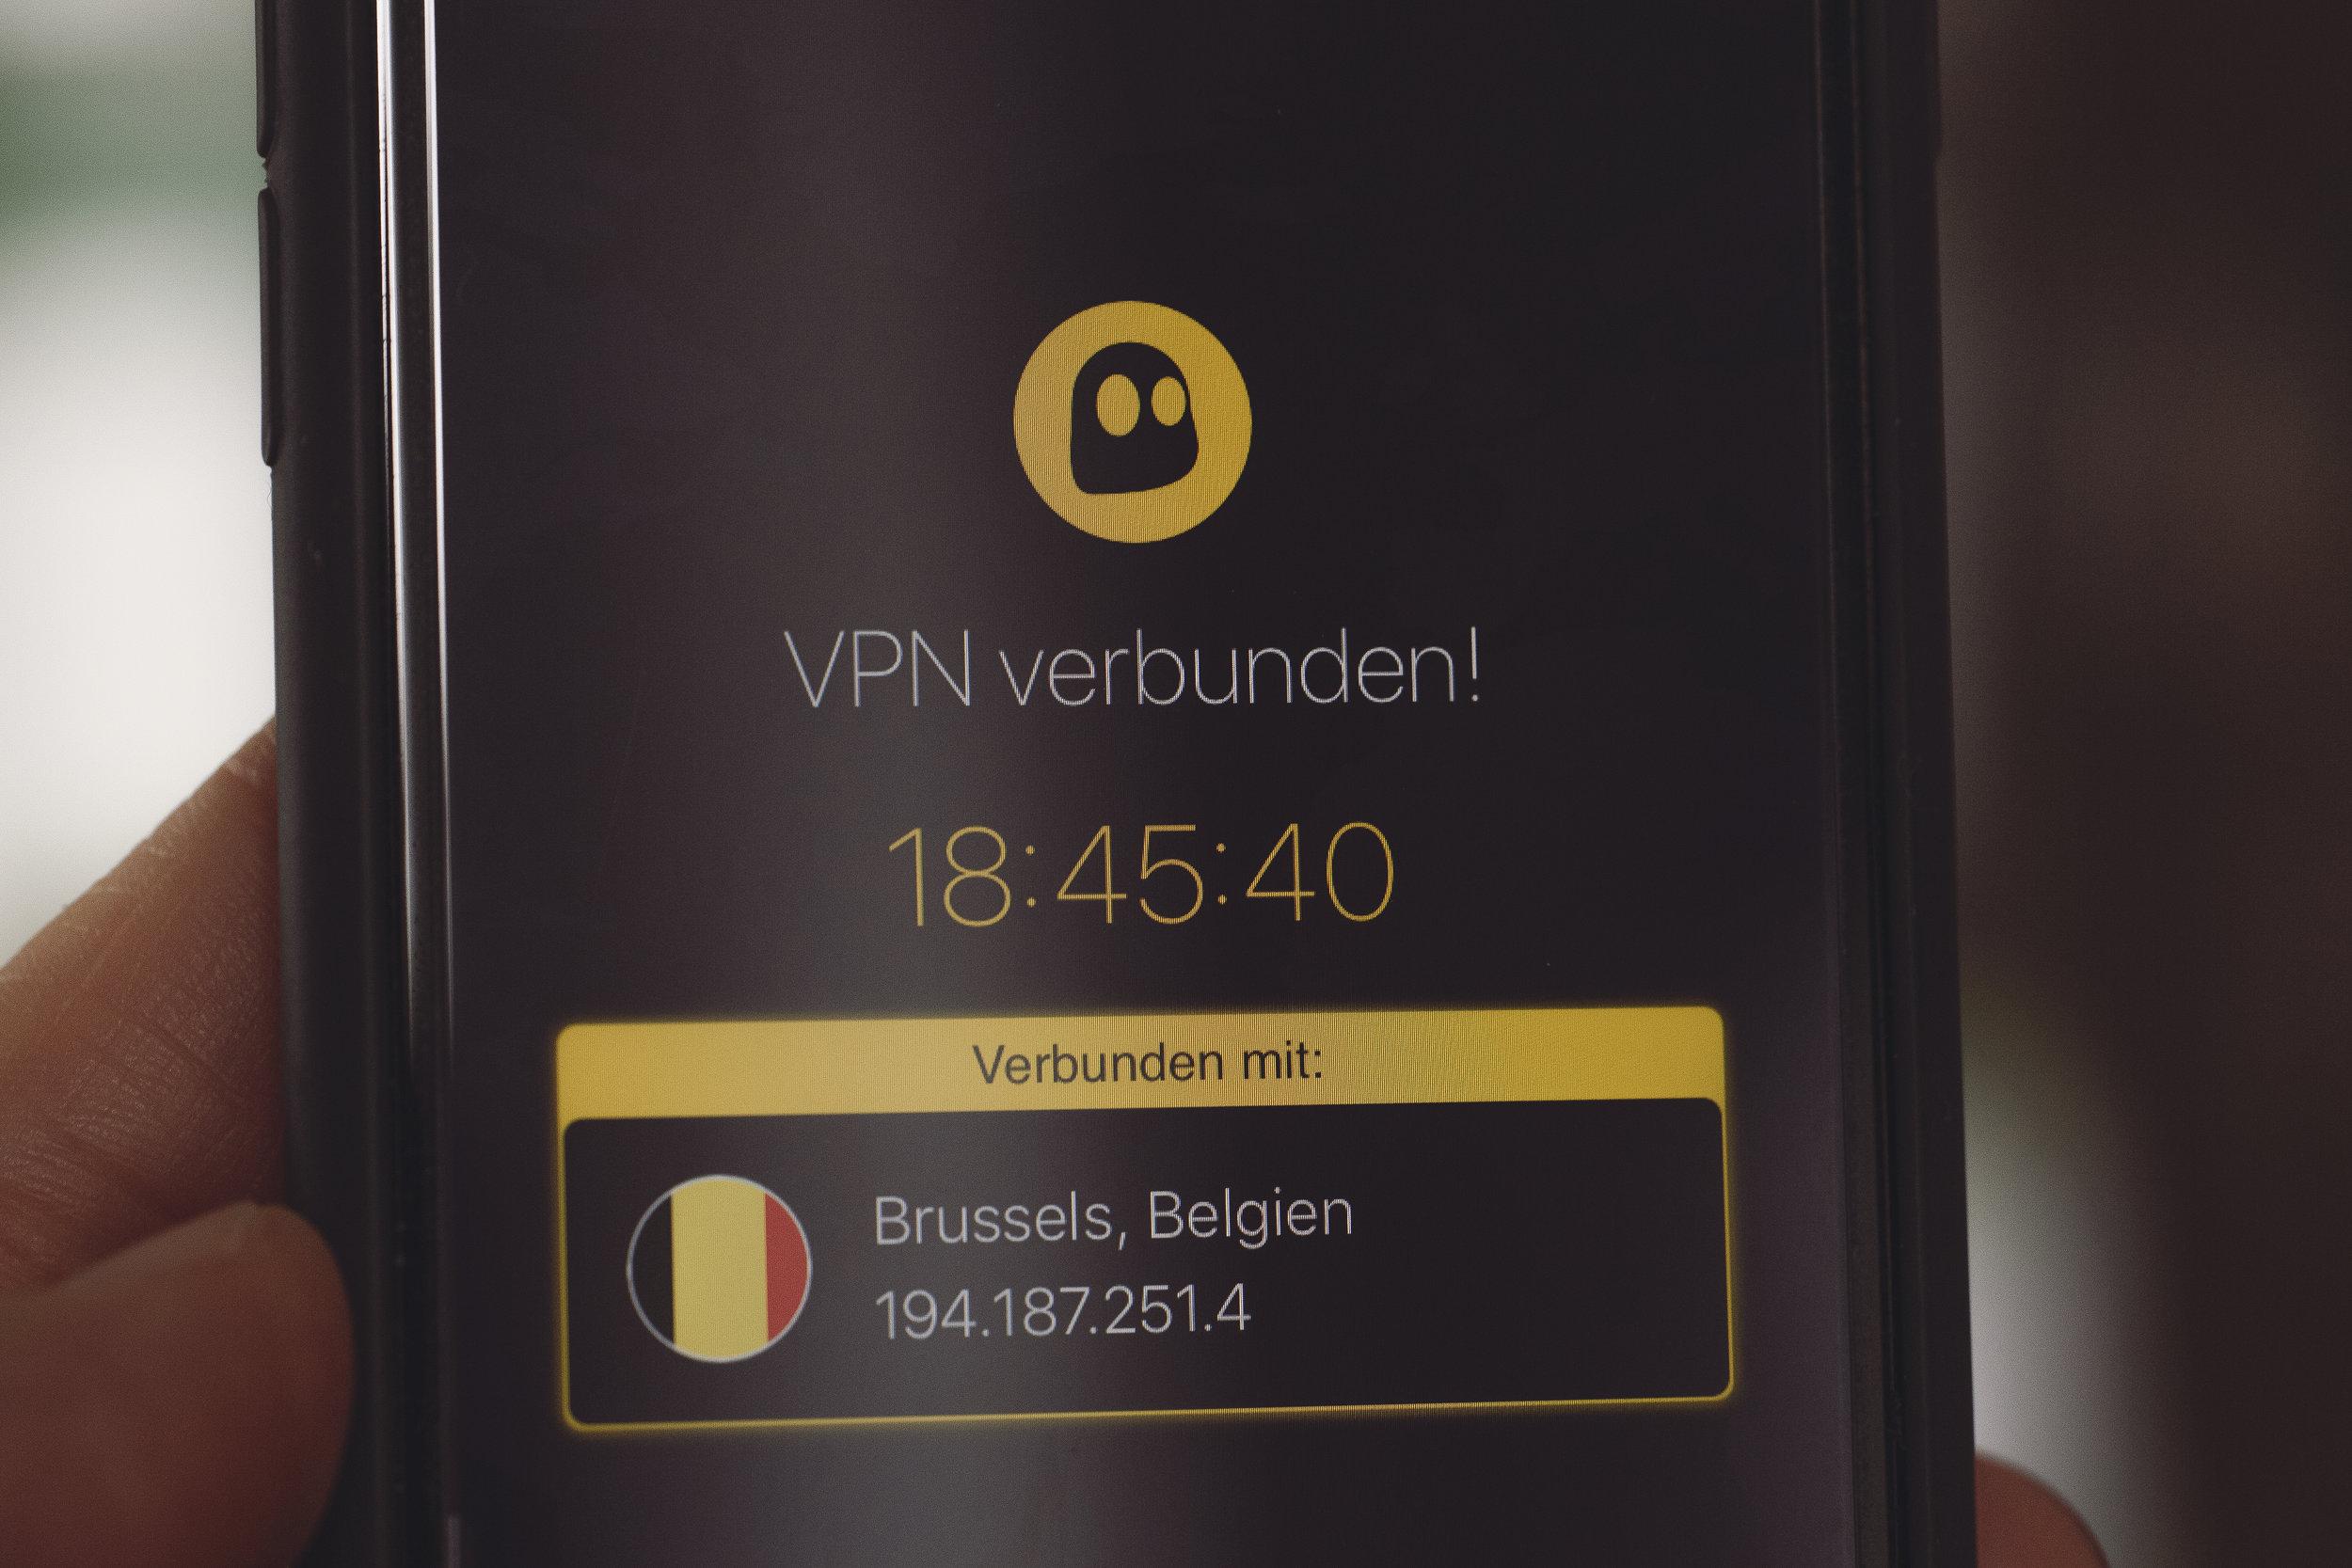 VPN -